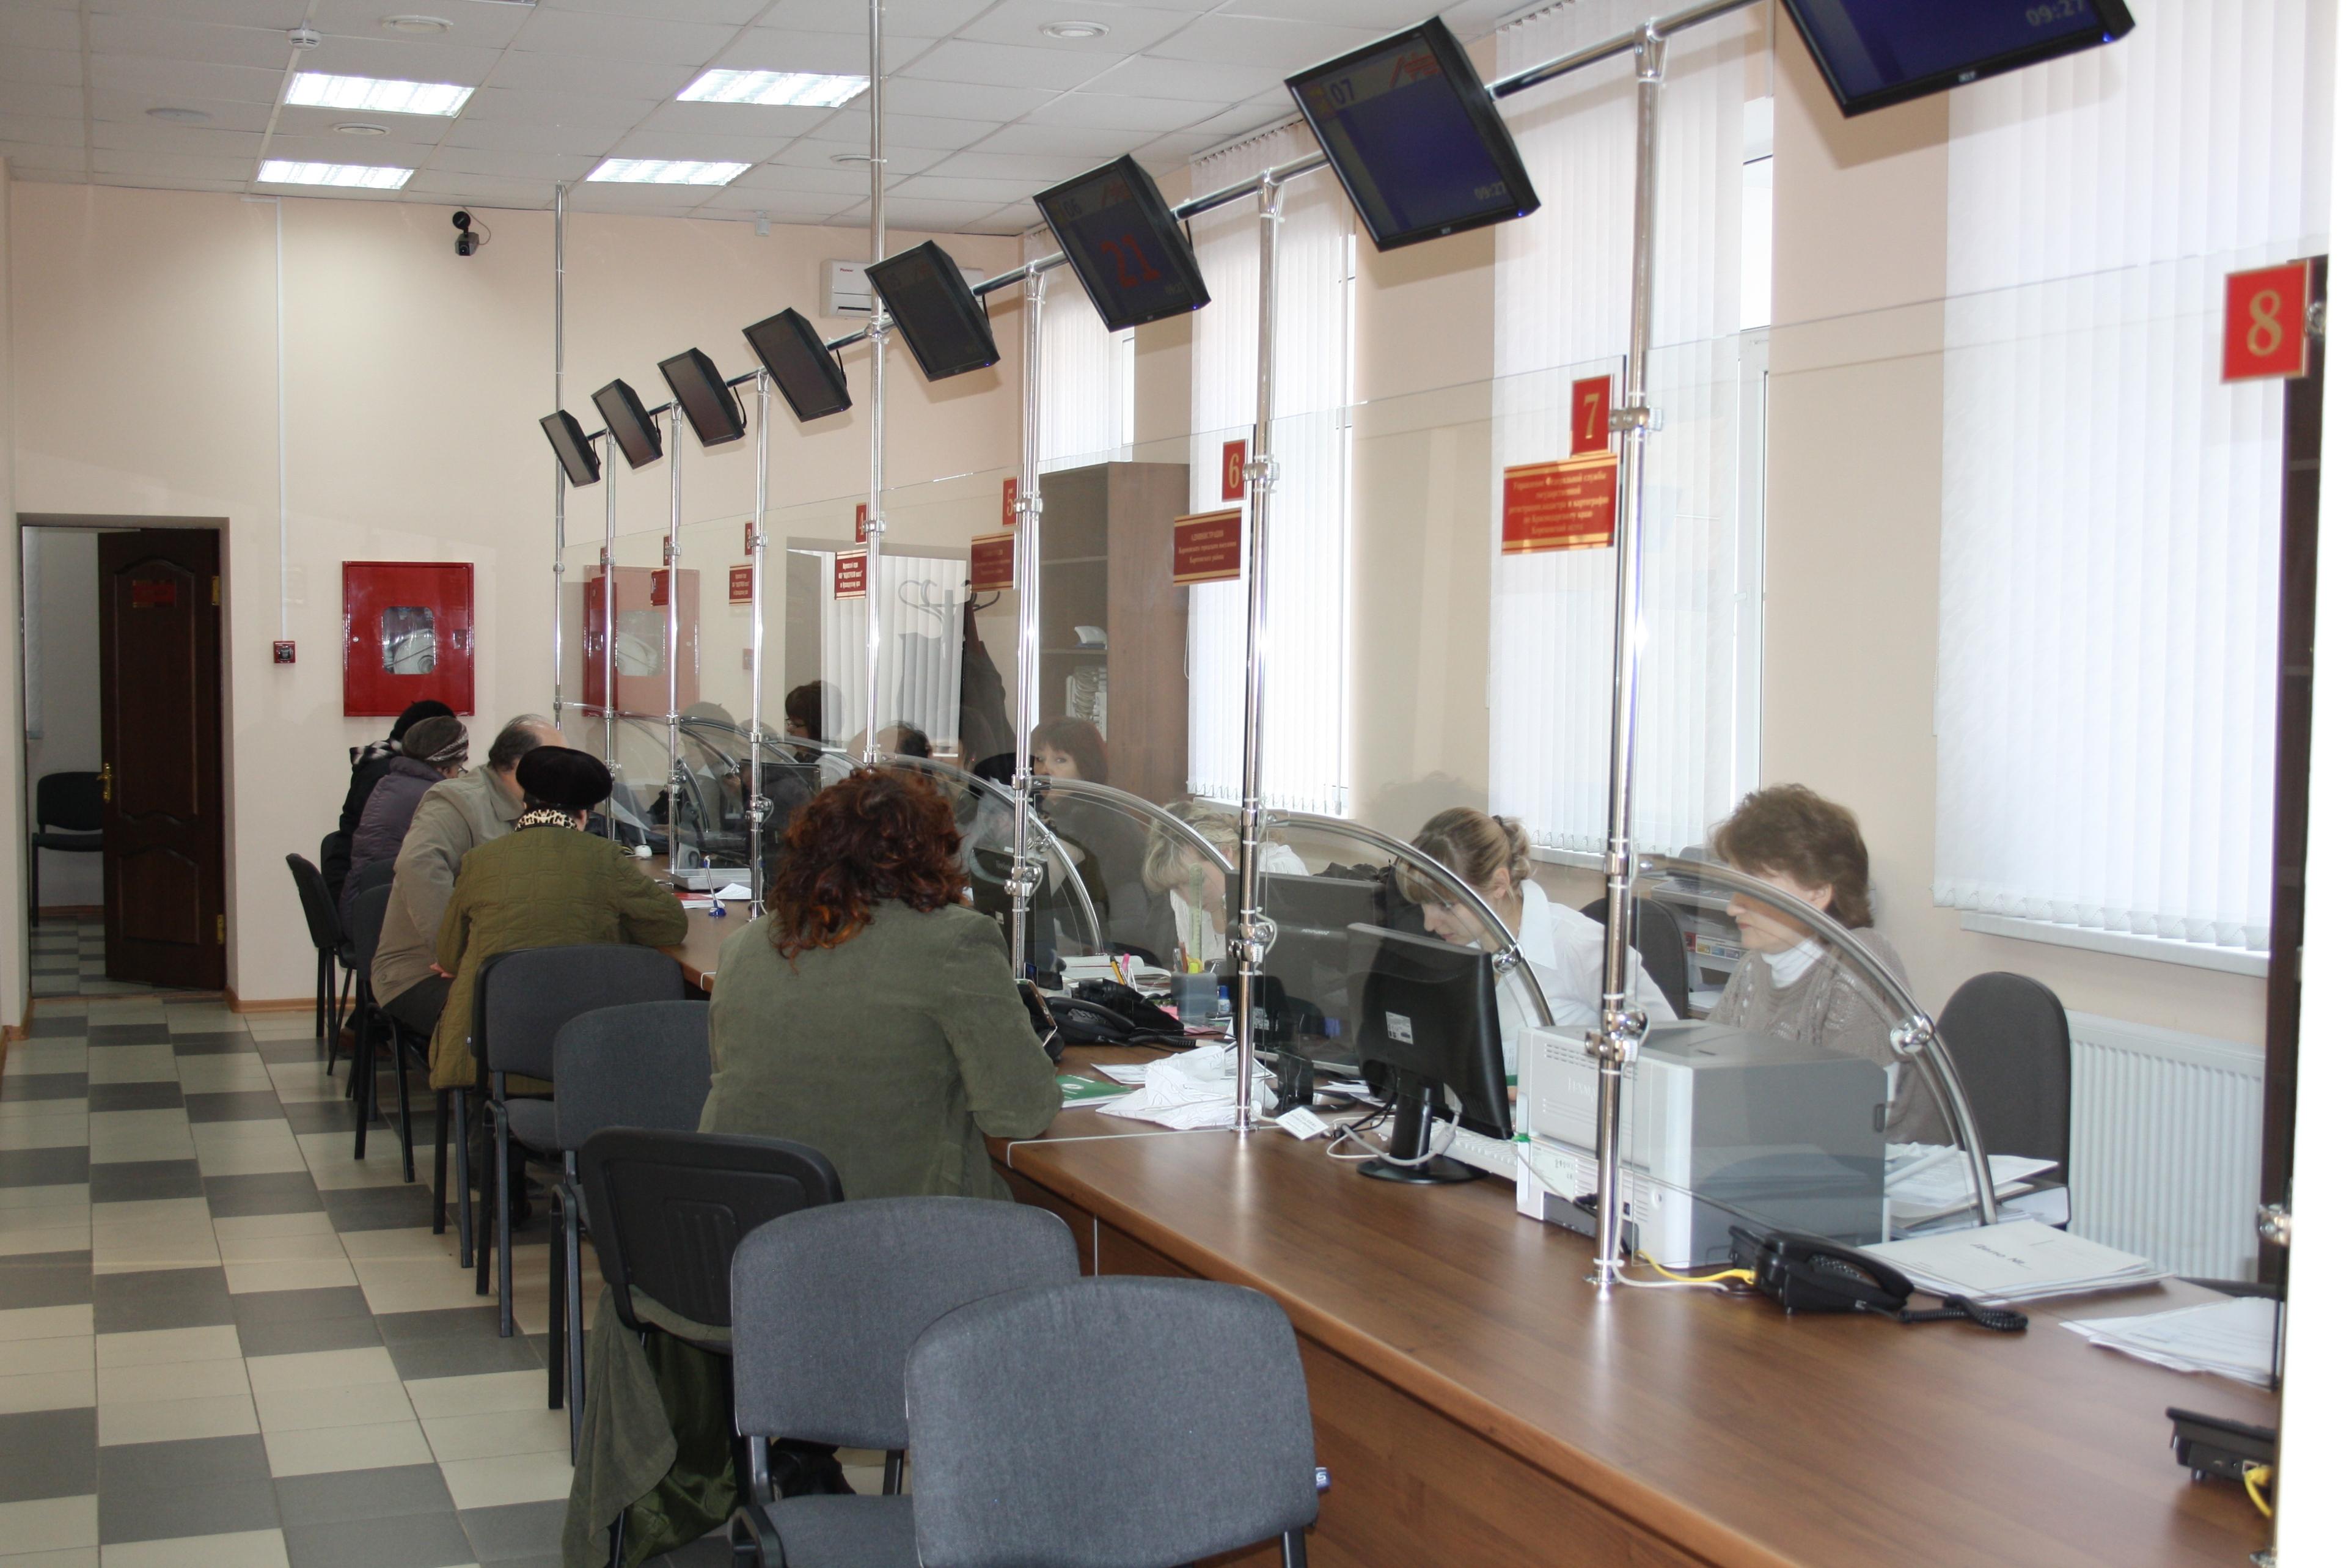 Адреса и телефоны МФЦ Фрунзенского района